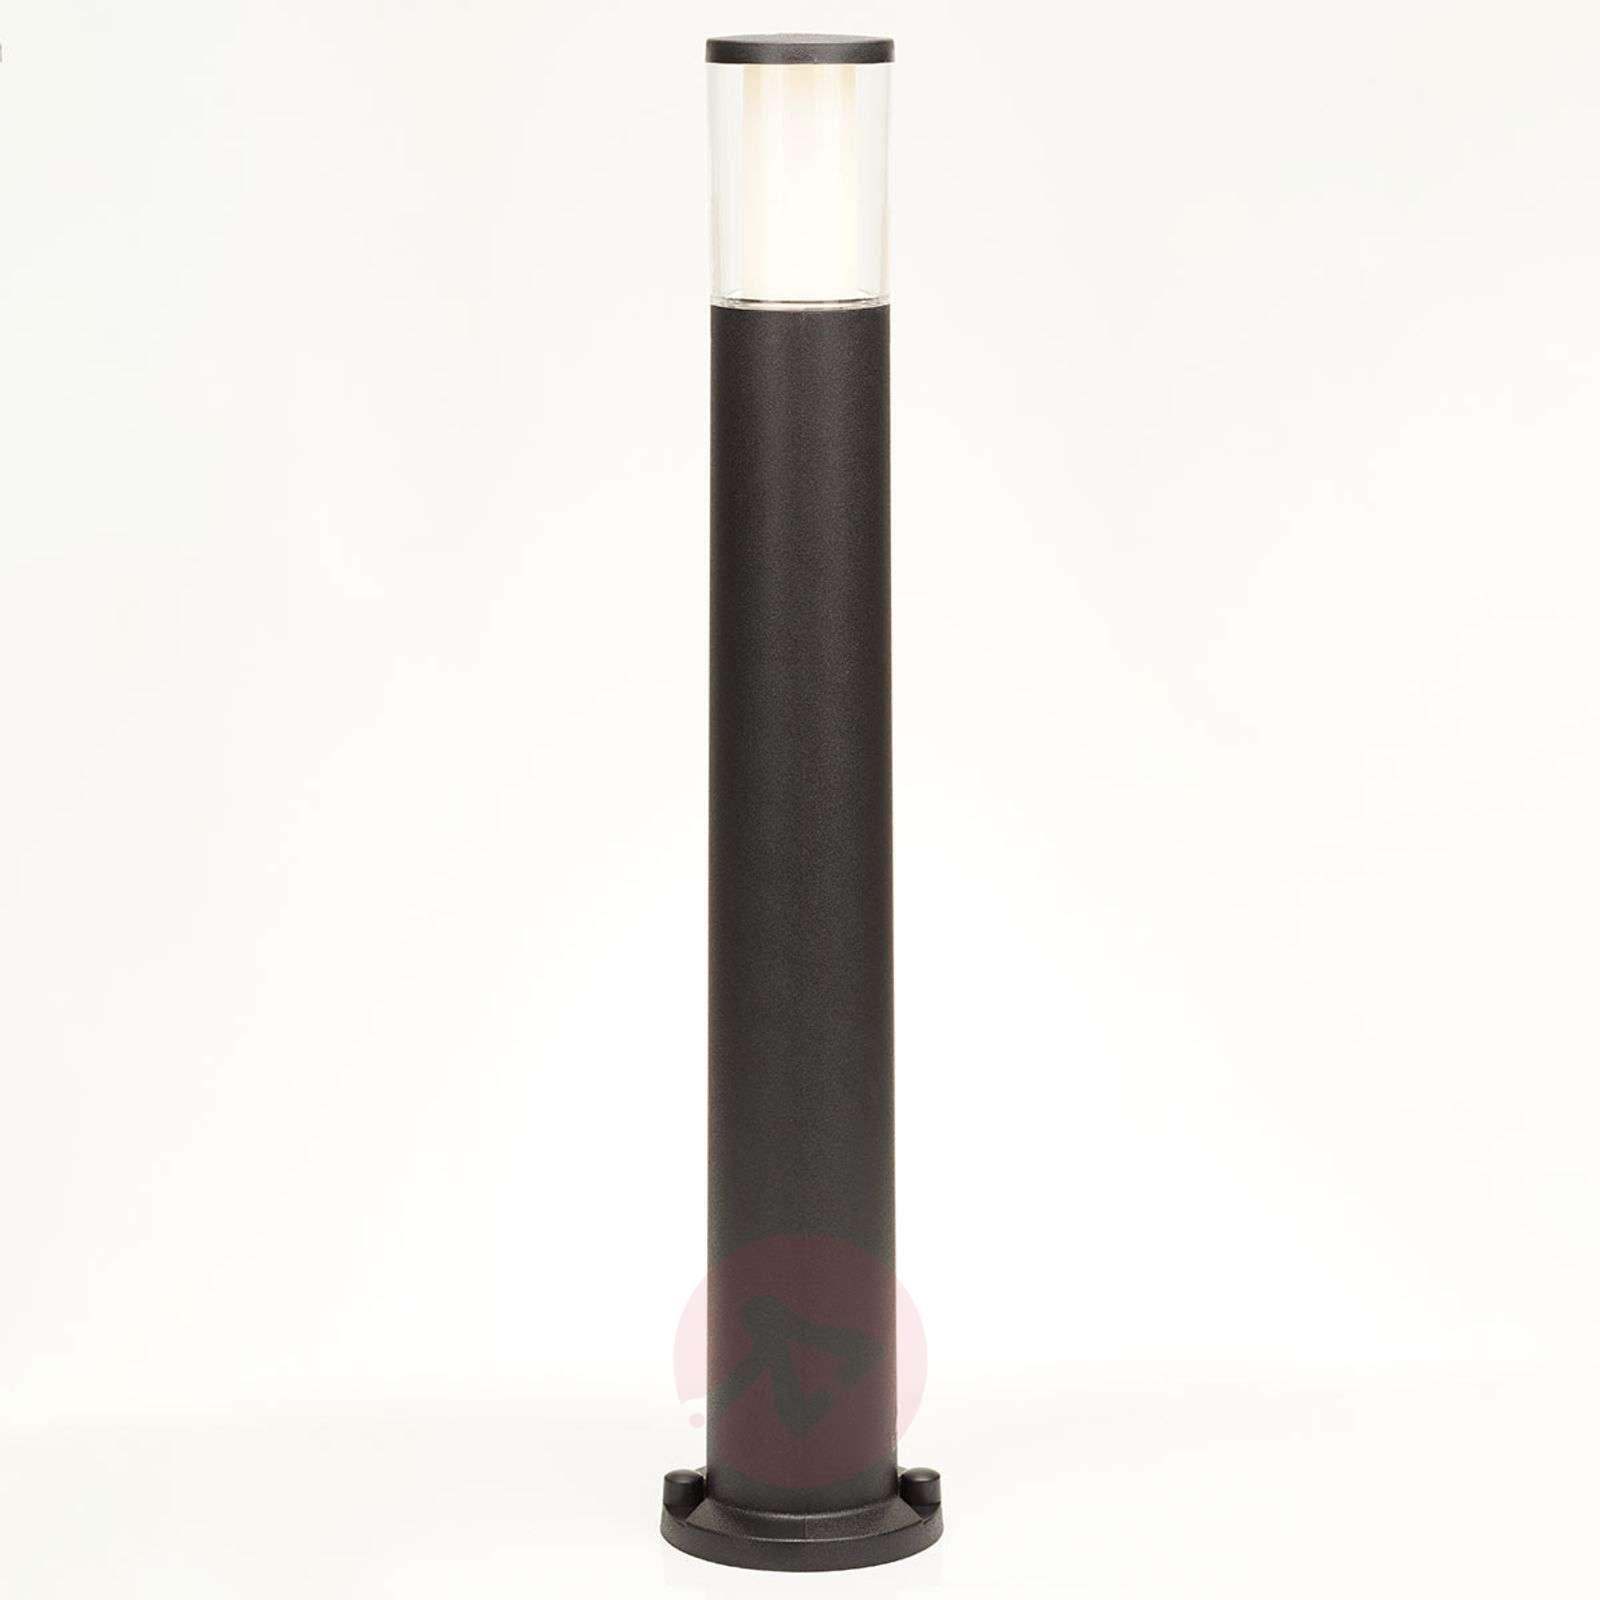 Musta LED-pylväsvalaisin Carlo-3538074-01